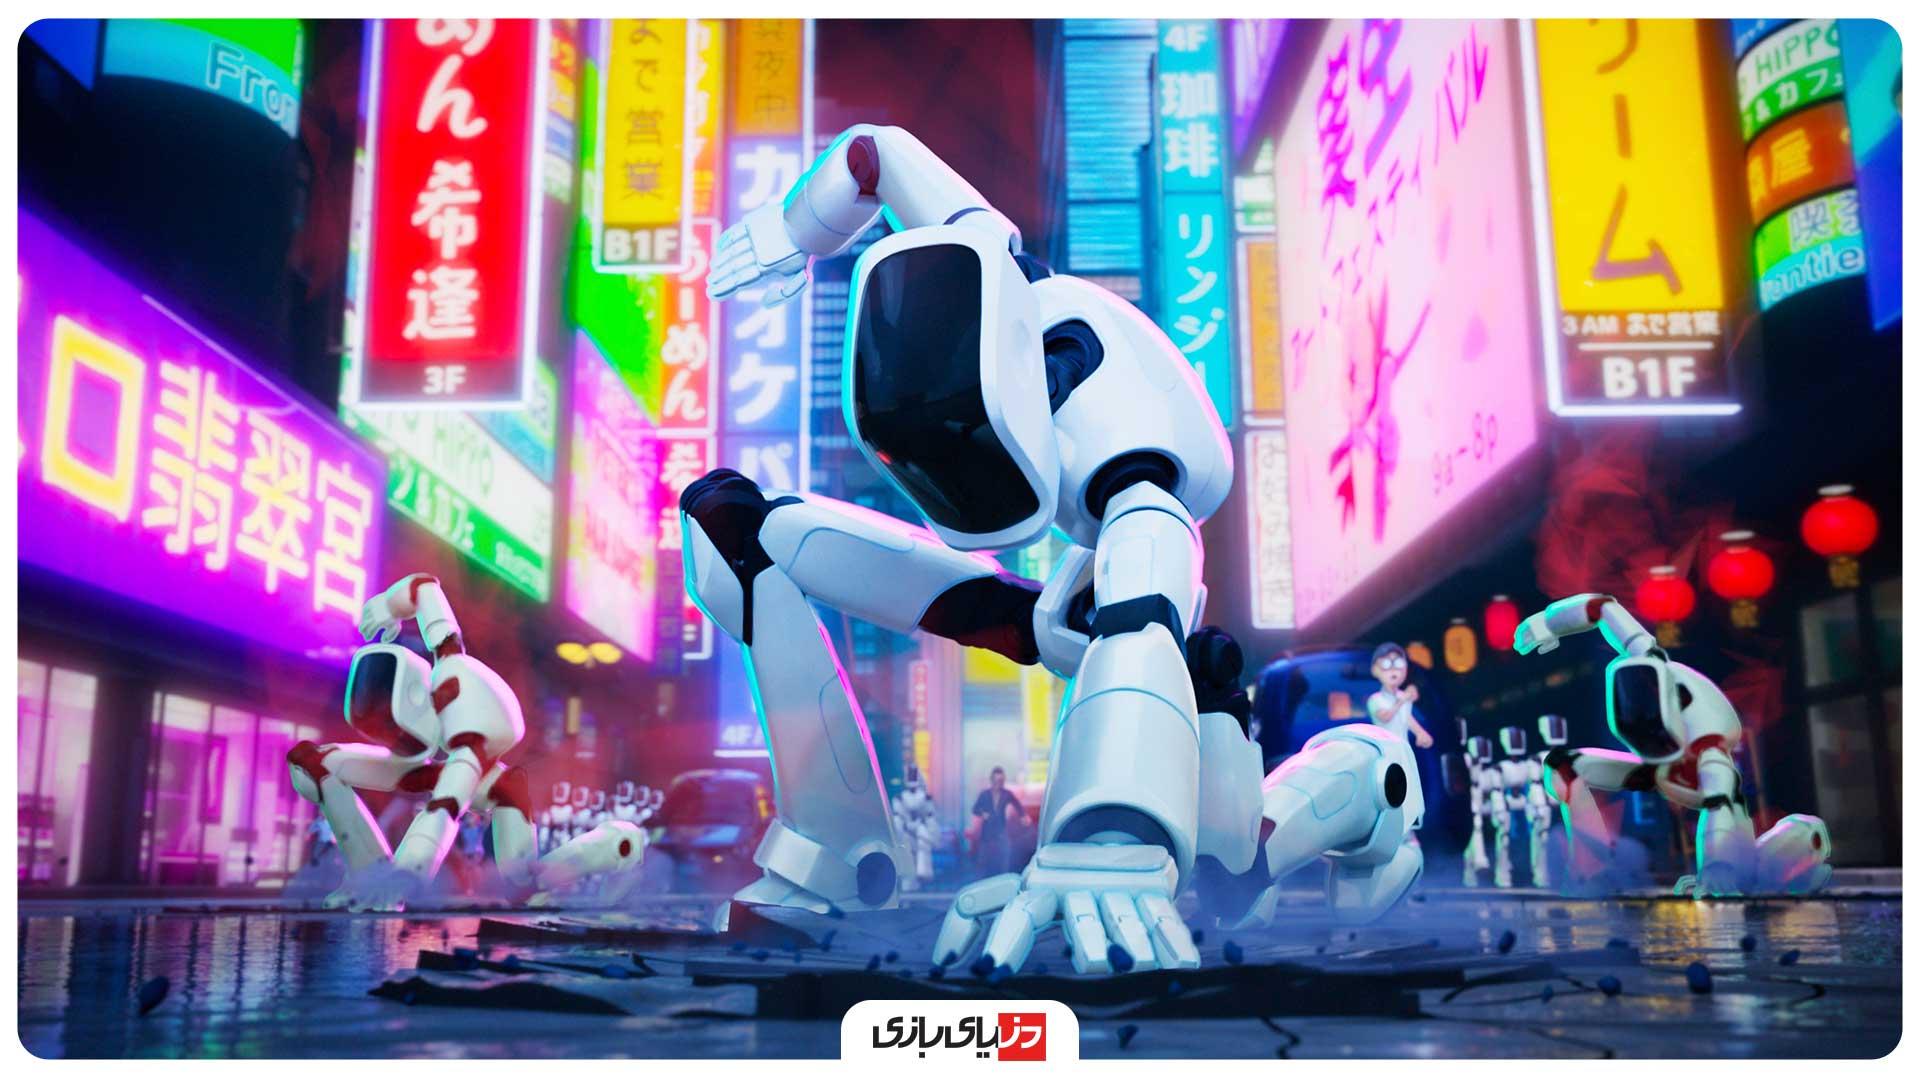 انیمیشن میچلها در برابر ماشینها